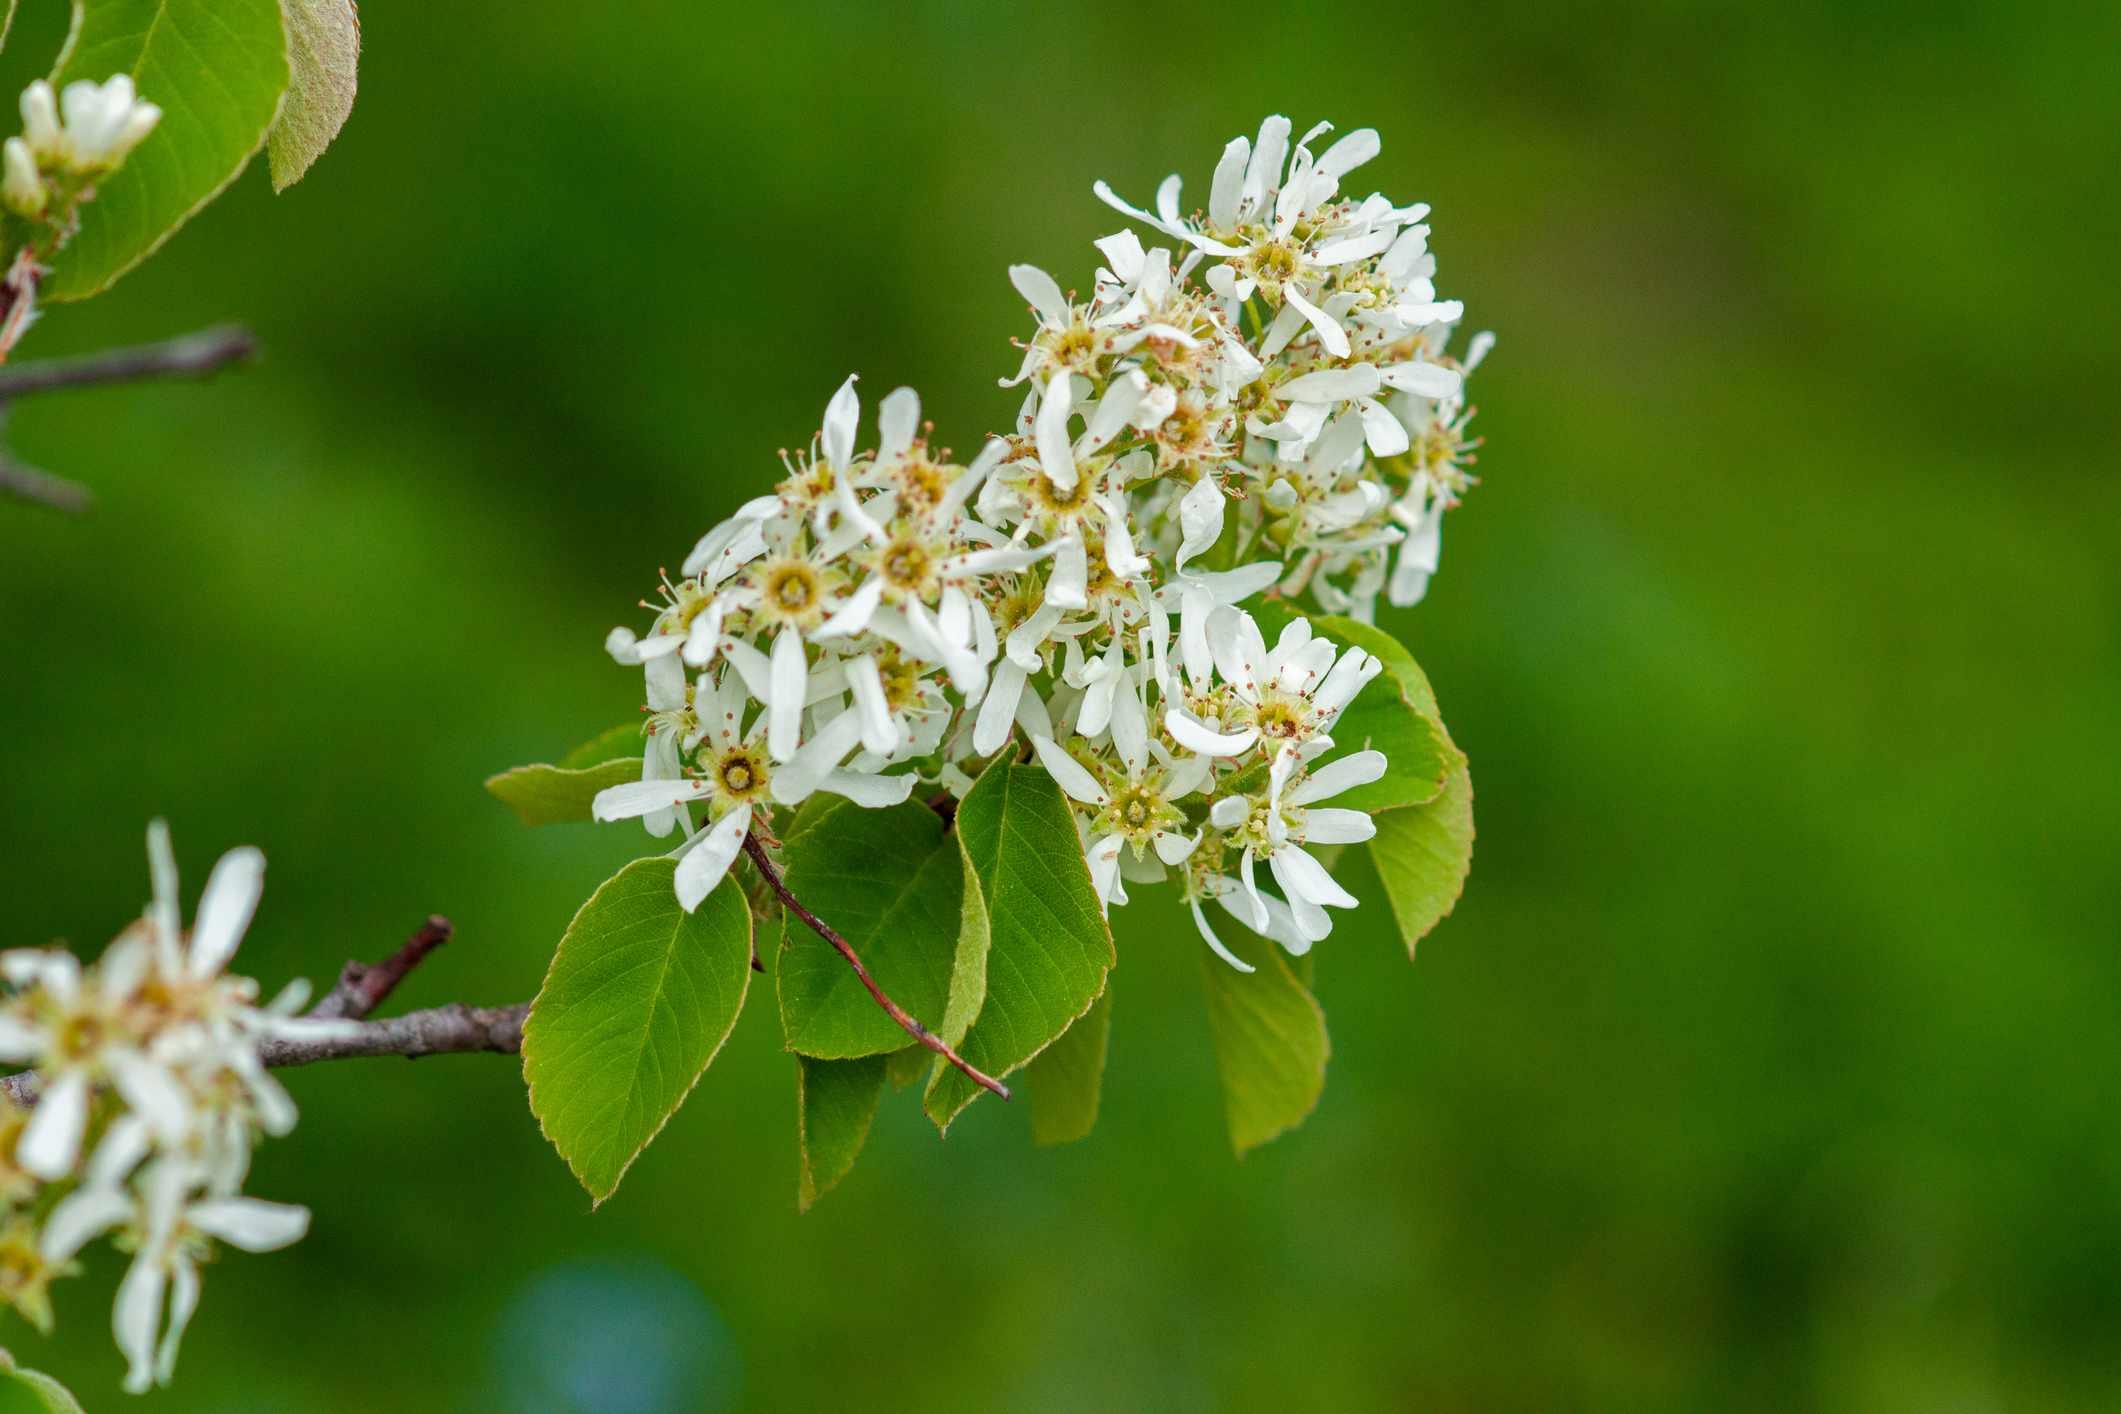 Common serviceberry